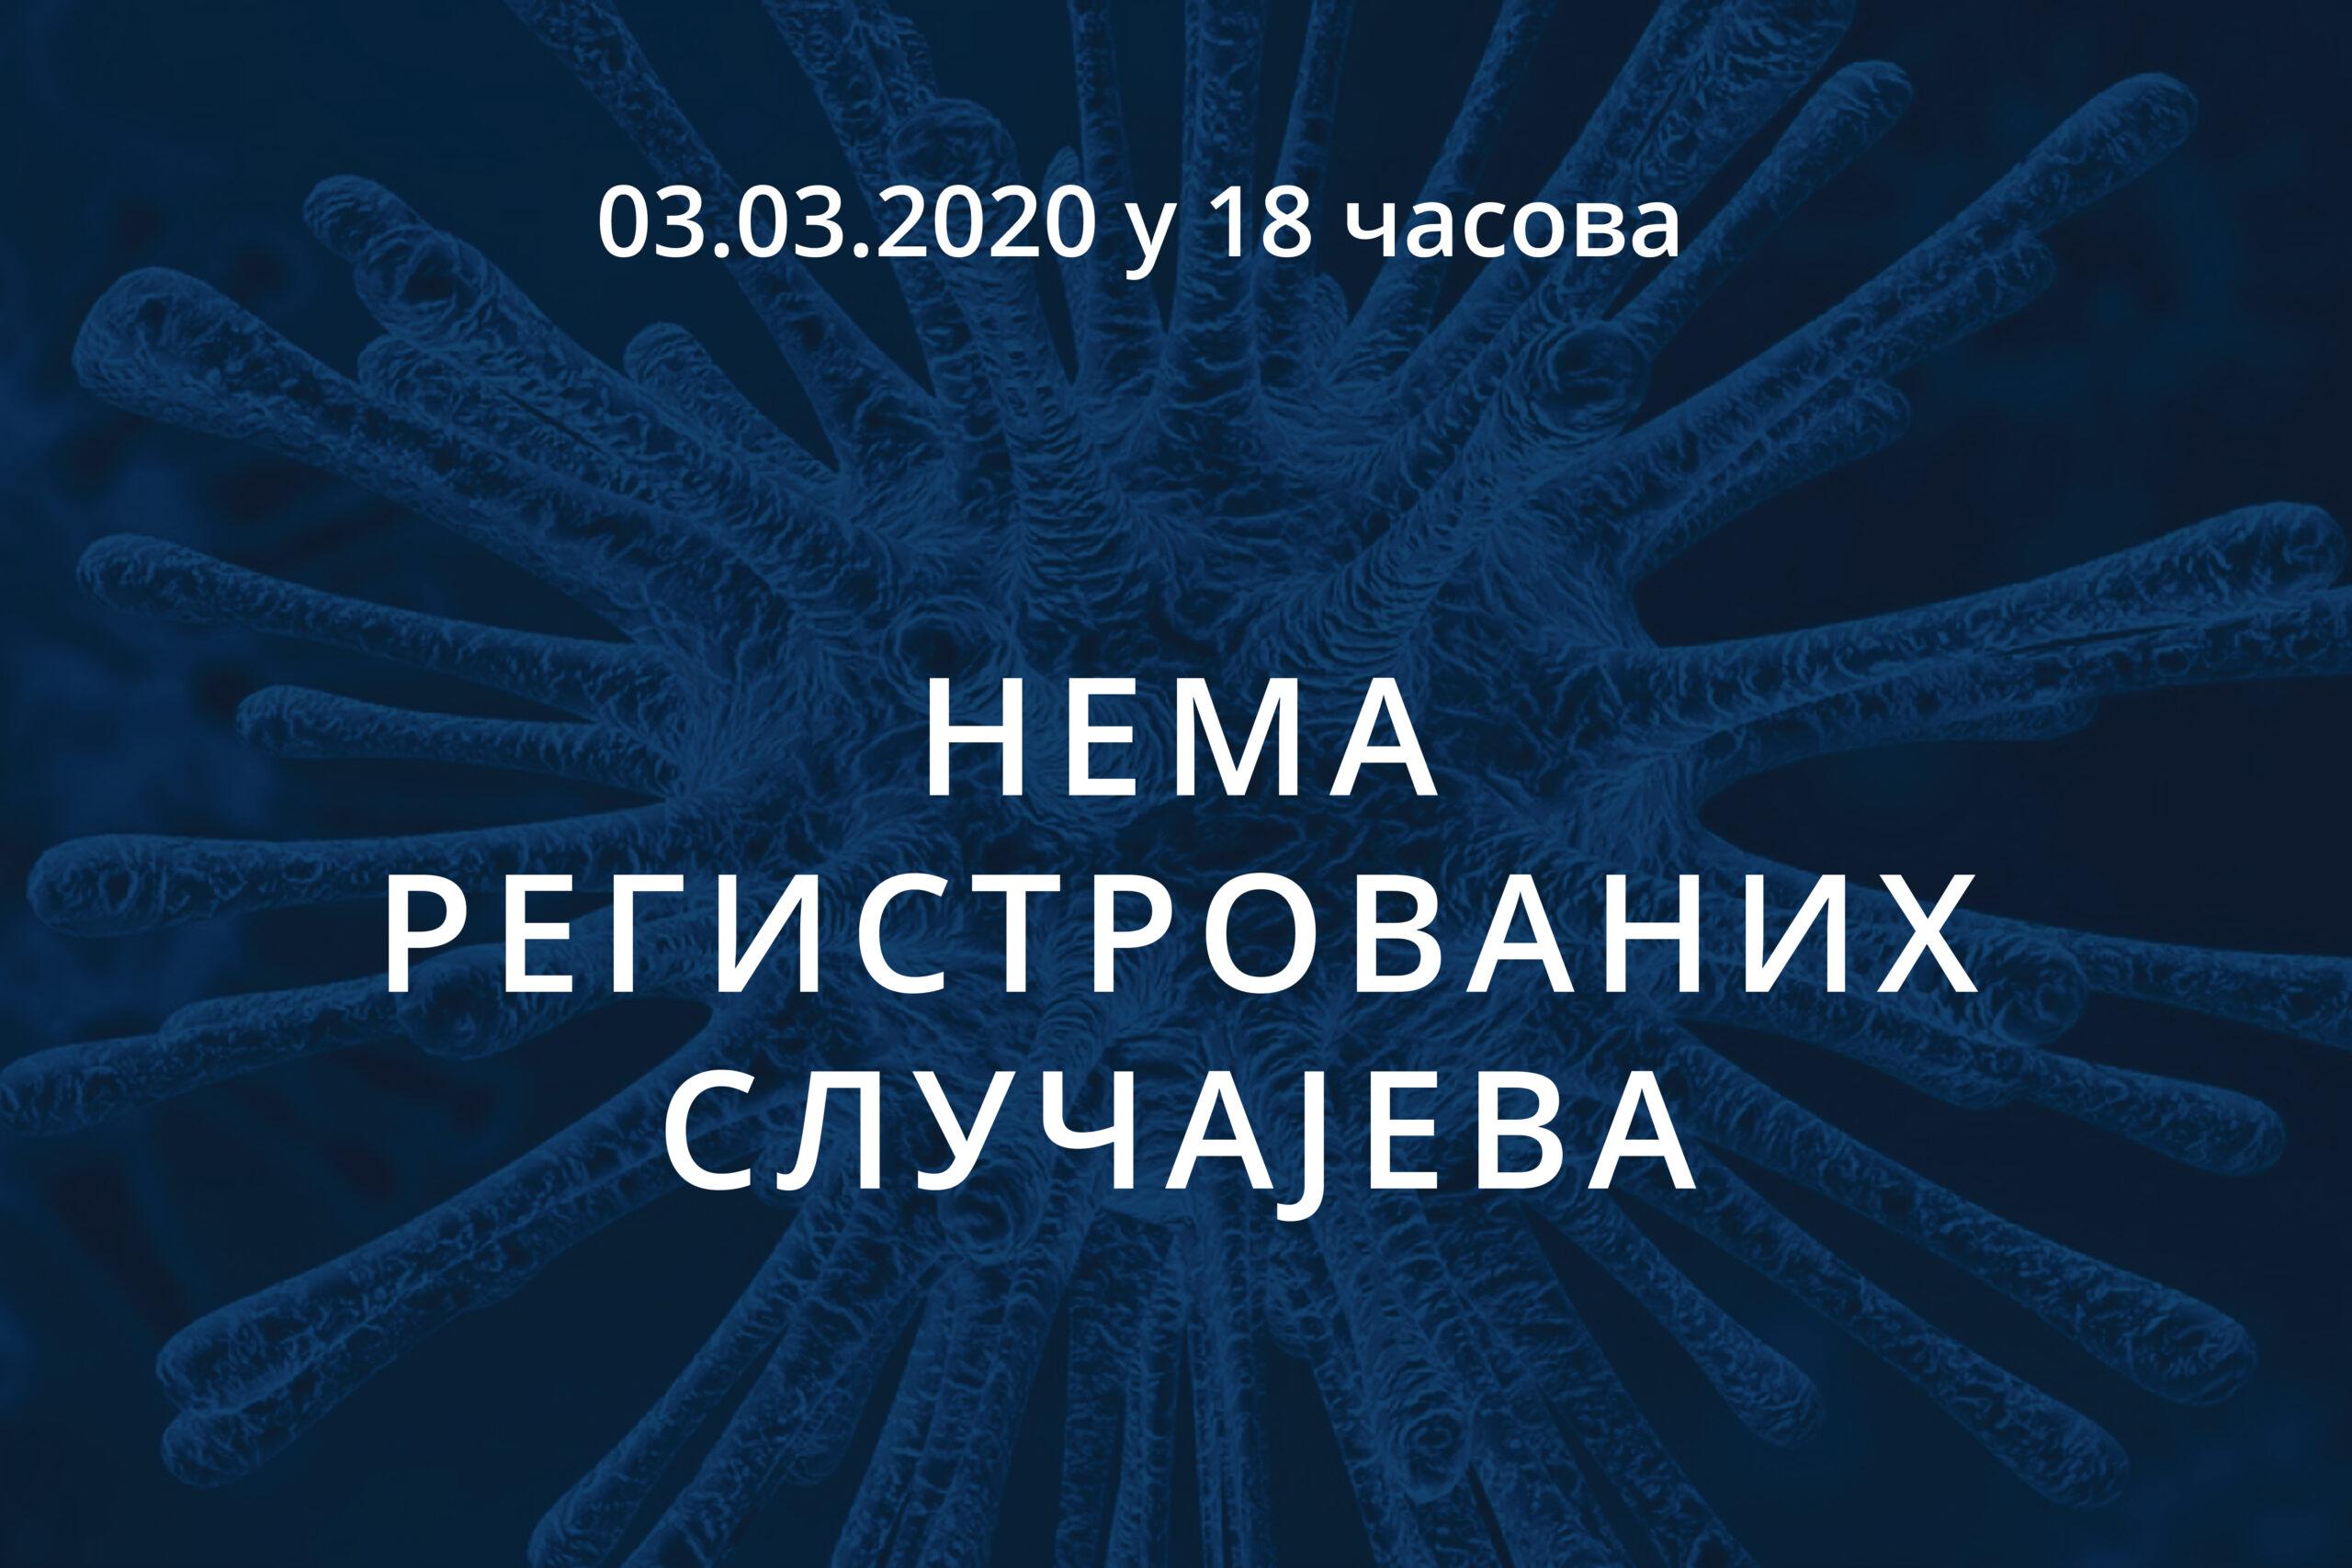 Информације о корона вирусу COVID-19, 03.03.2020 у 18 часова